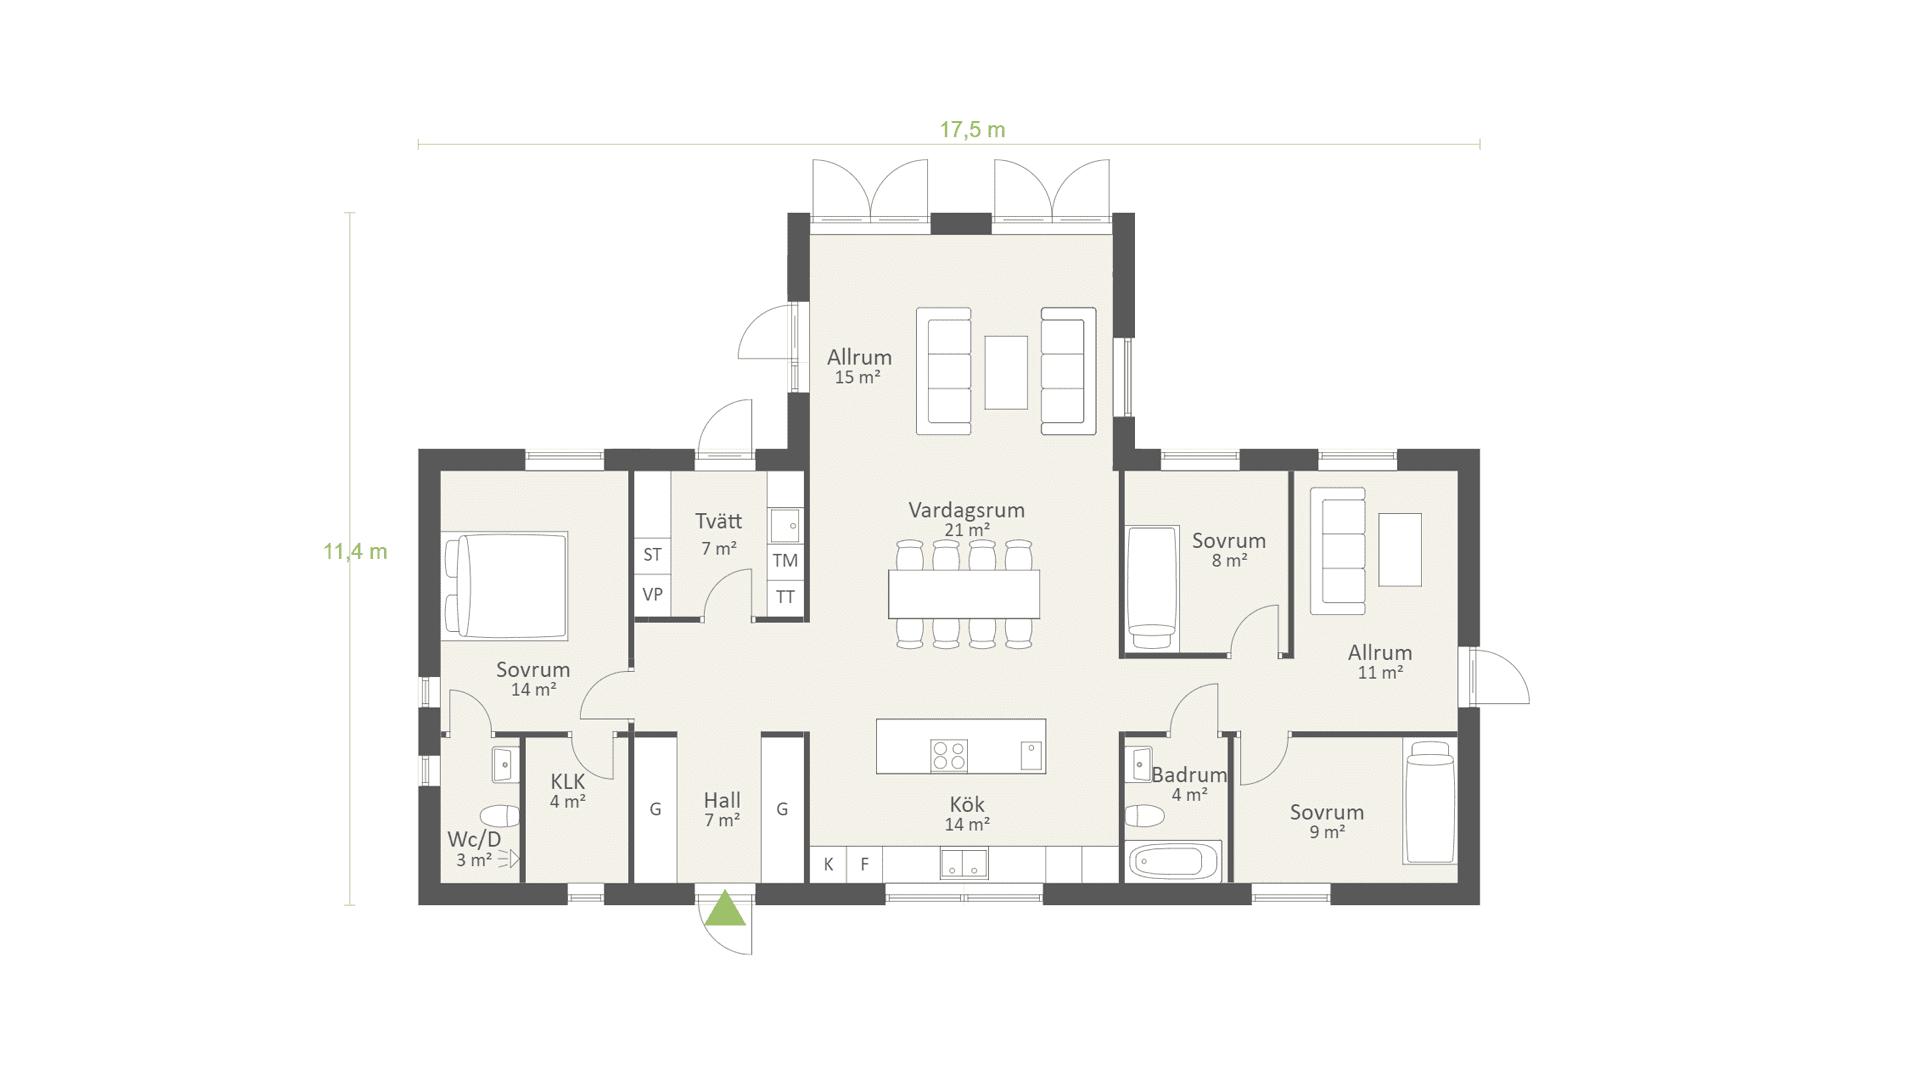 Planlösning enplanshus i T-form på 130 kvm och 3 sovrum, industriell stil - AChoice stenhus